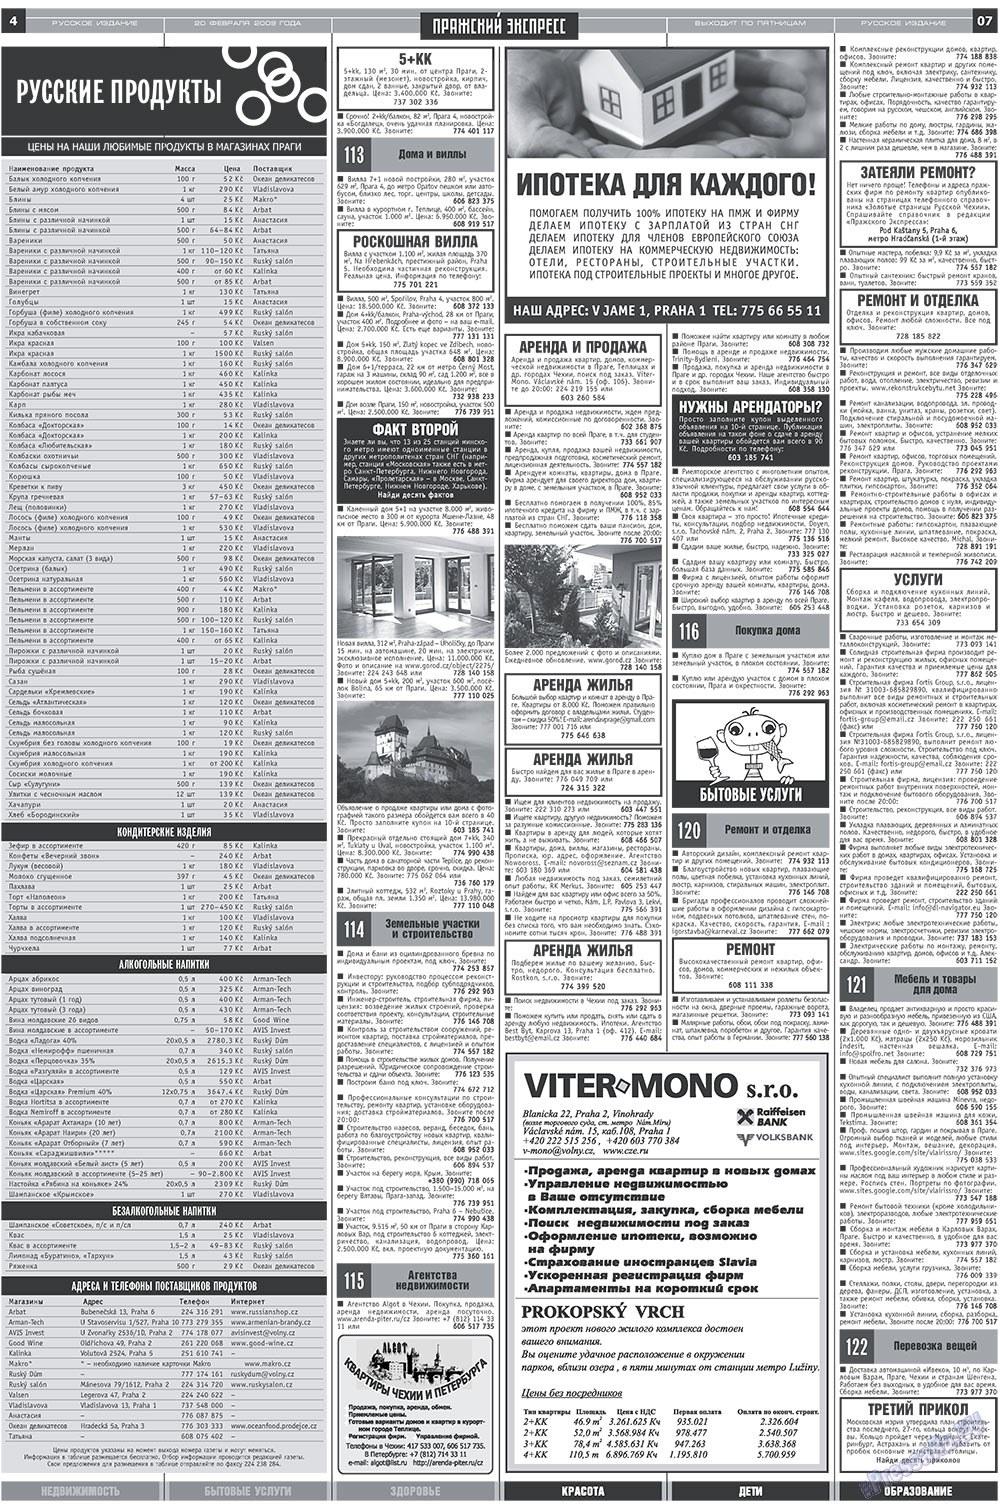 экспресс газета магадан аренда жилья термобелье CRAFT делилось